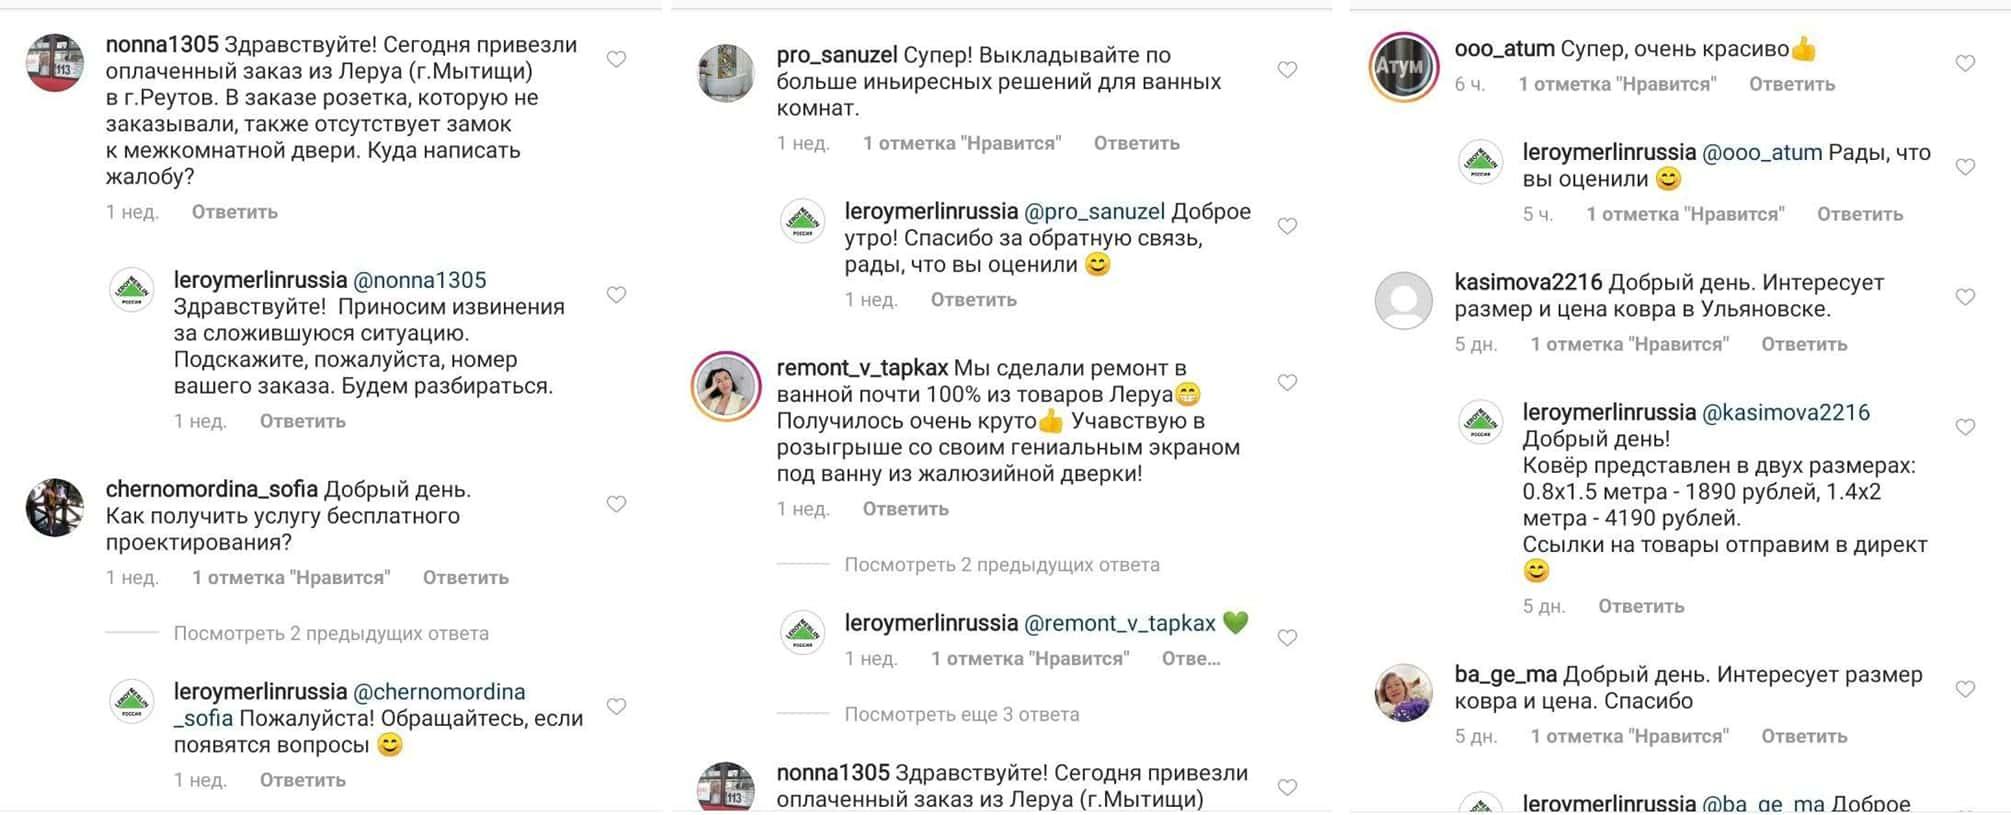 Отработка комментариев в Instagram